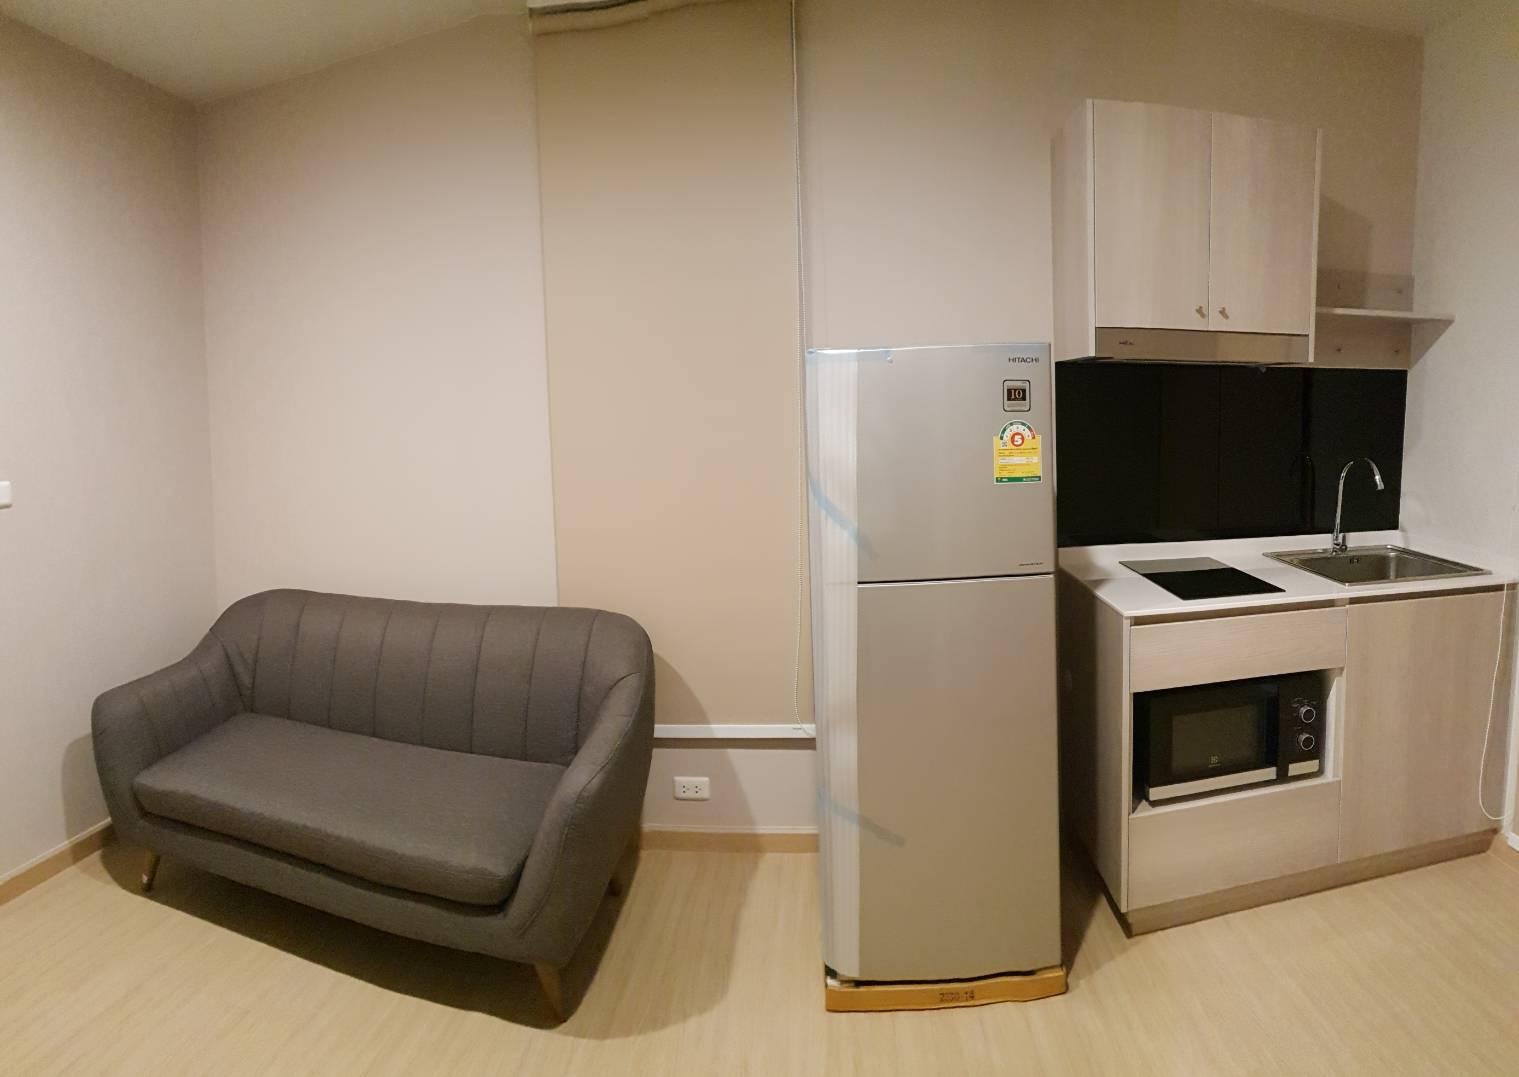 ให้เช่าคอนโด The Tree Onnut Station (เดอะทรี อ่อนนุช สเตชั่น สุขุมวิท 54 ) 1 ห้องนอน 1 ห้องน้ำ